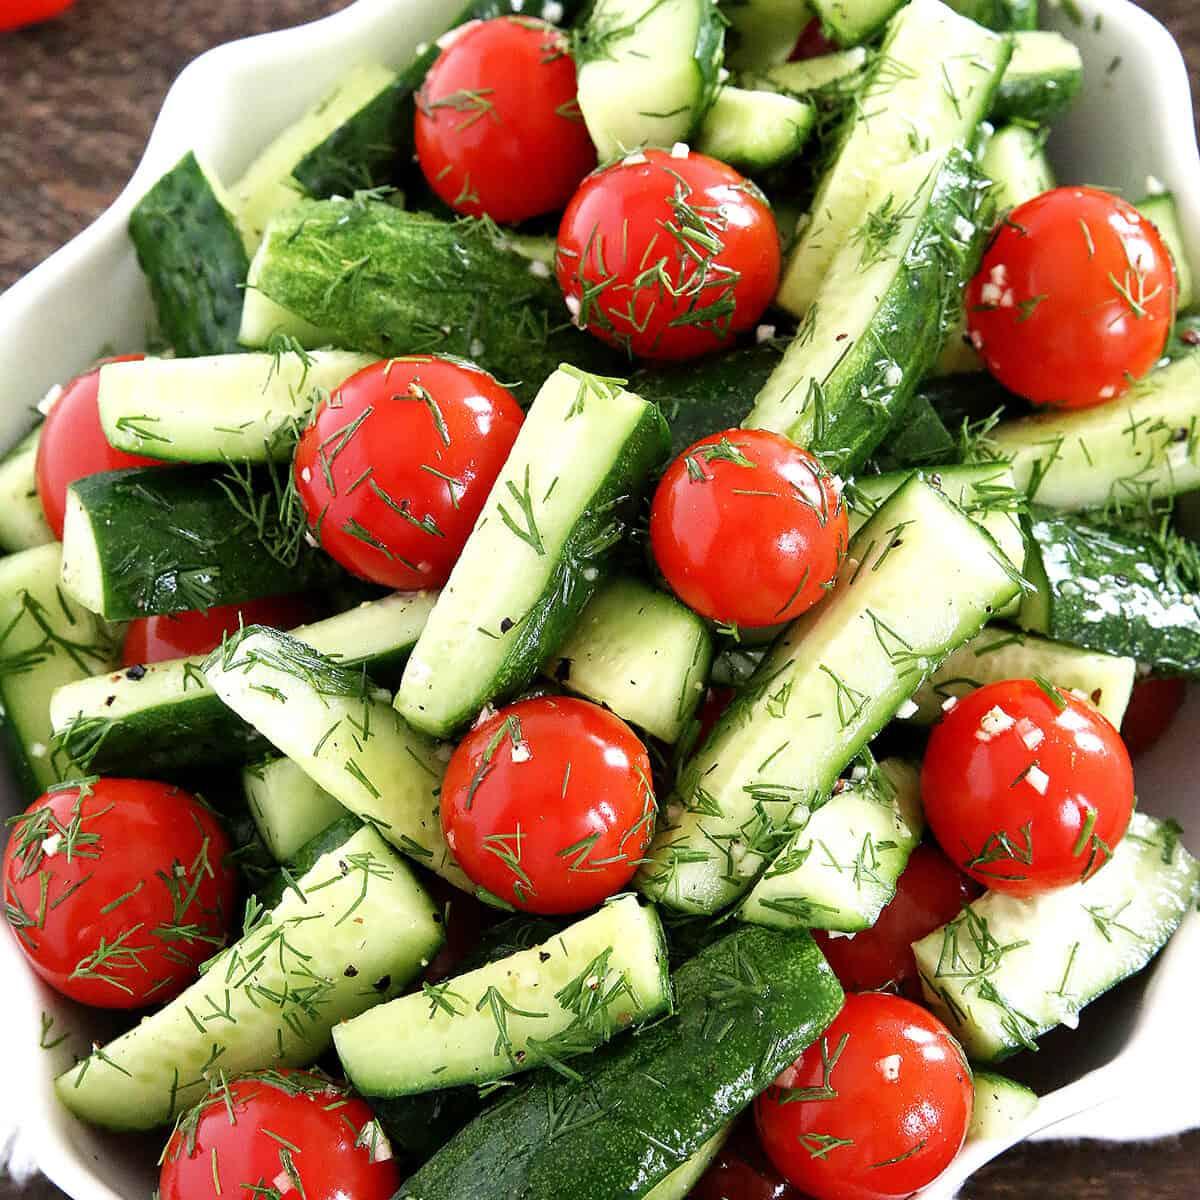 Garden fresh veggie salad